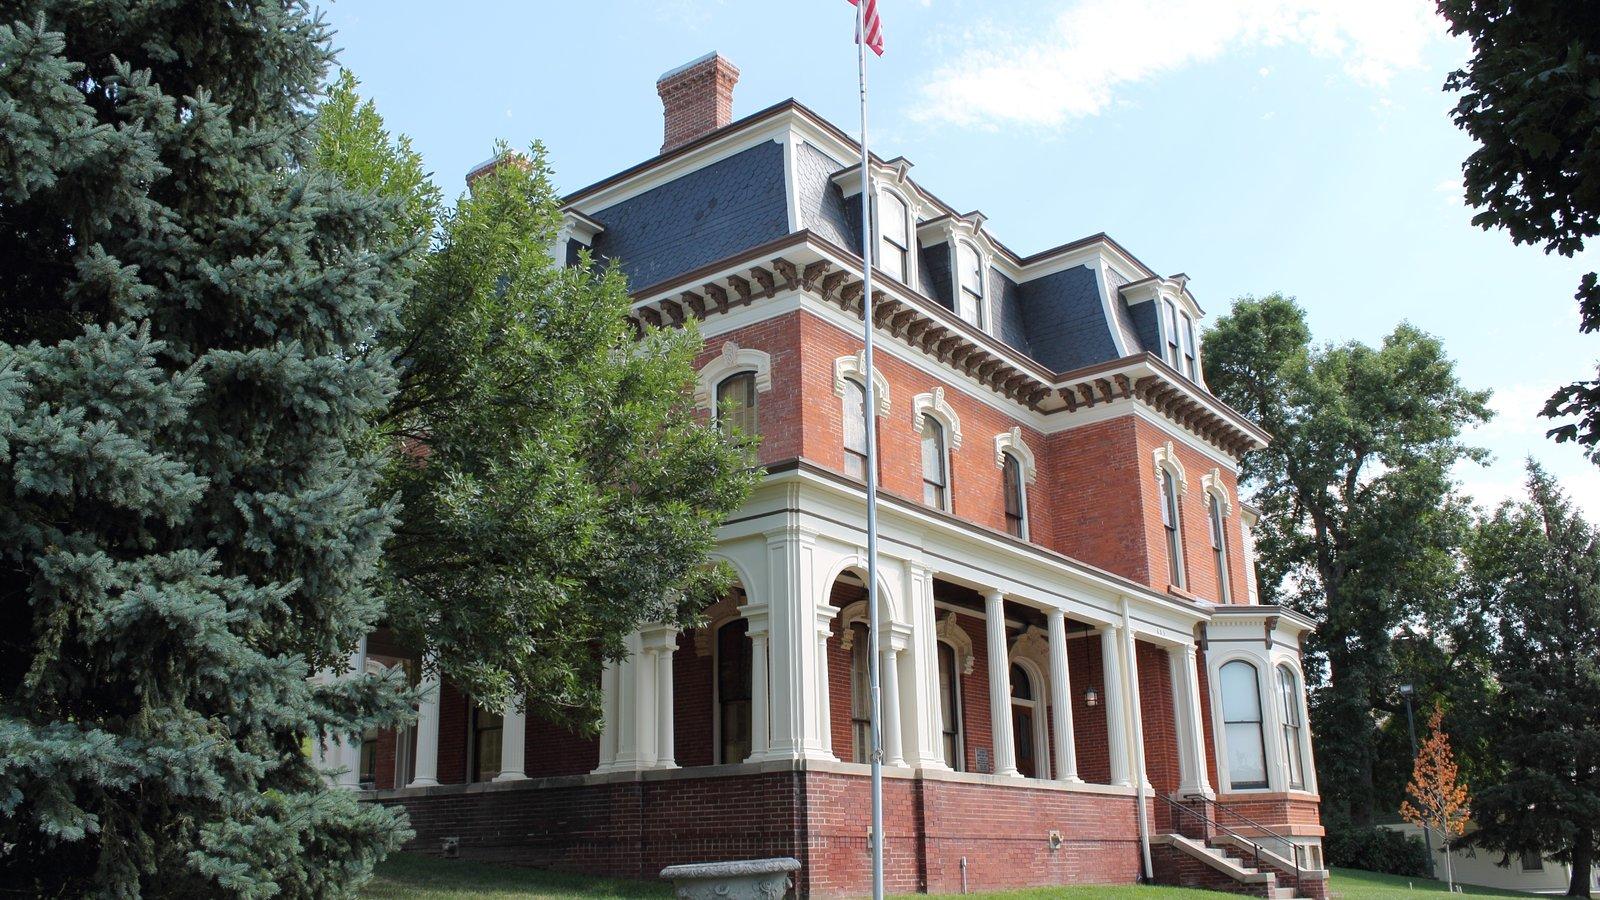 Council Bluffs mostrando una casa y un edificio administrativo